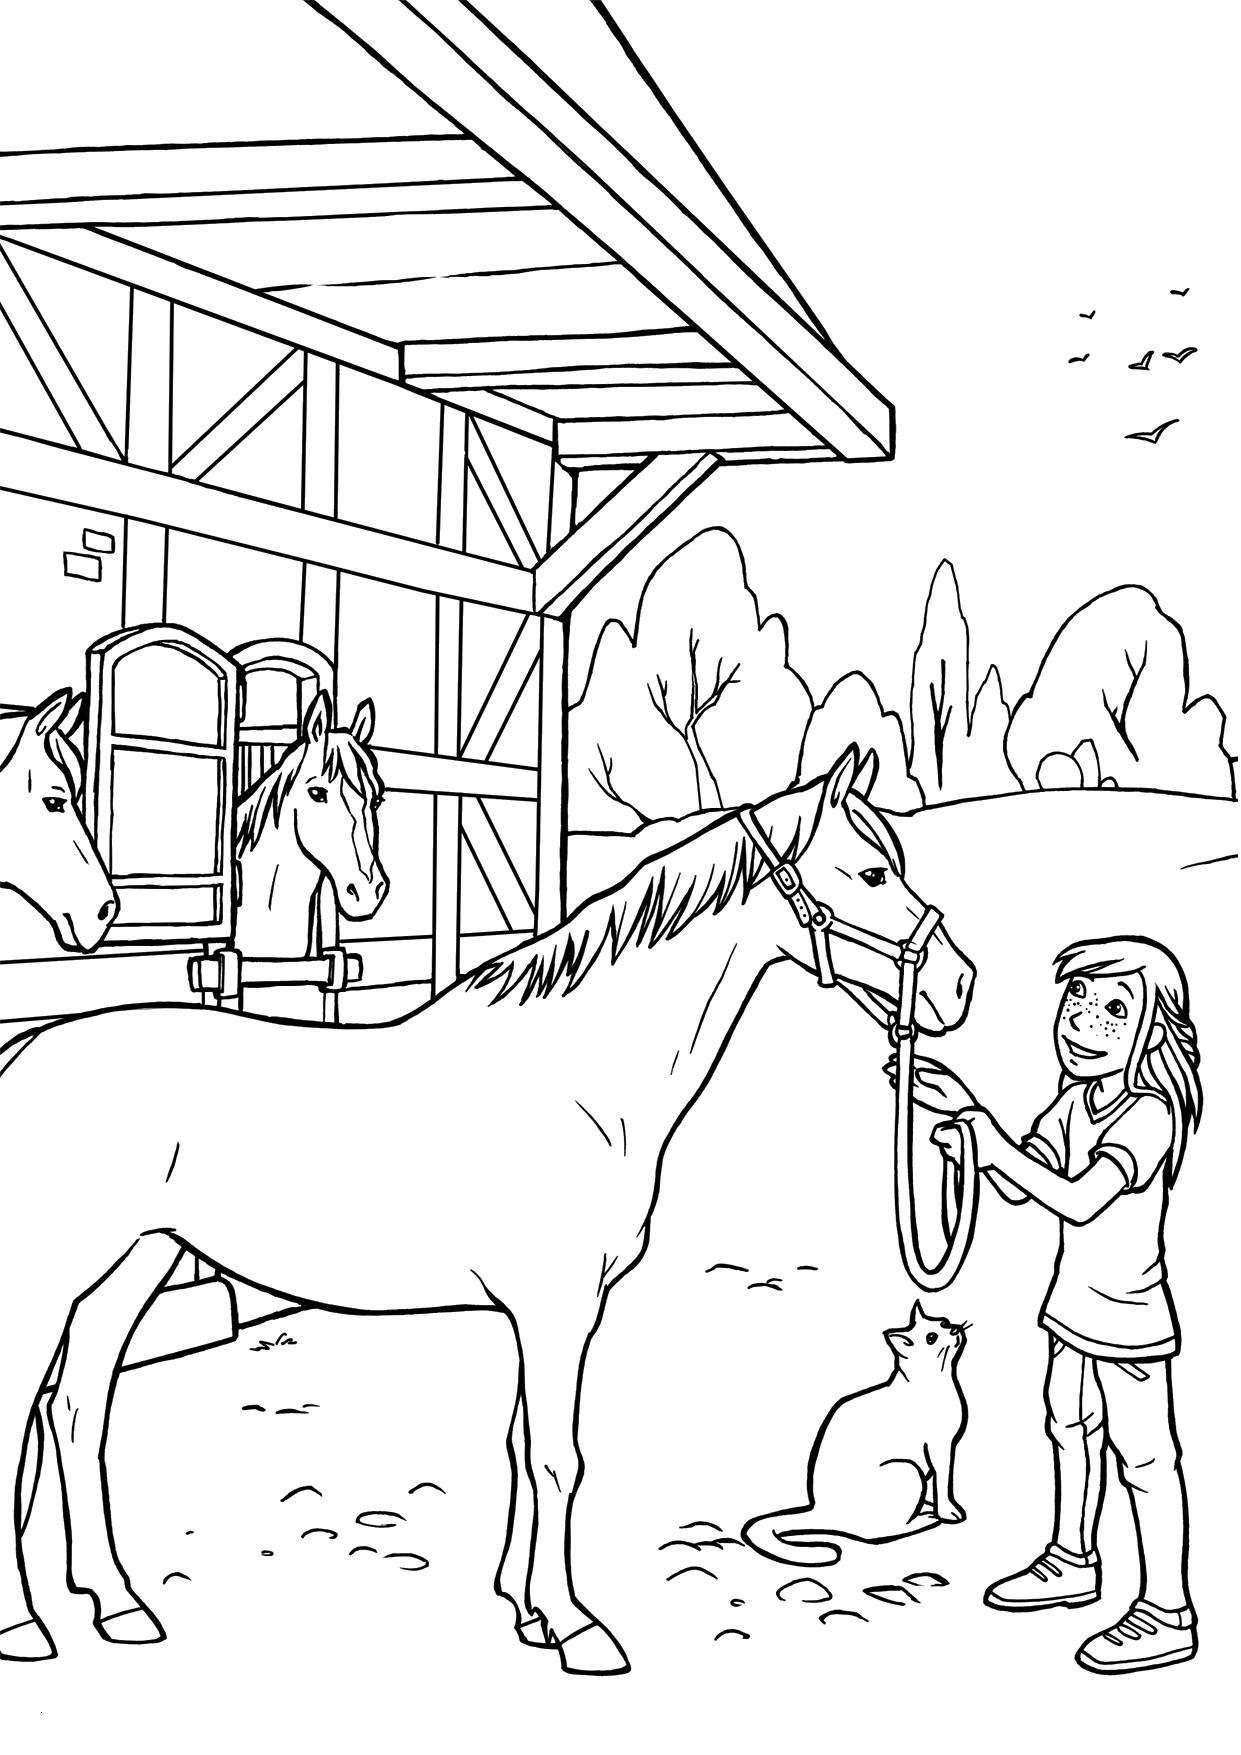 Ausmalbilder Pferde Turnier Neu 40 Luxus Malvorlagen Pferde Gratis Beste Malvorlage Sammlung